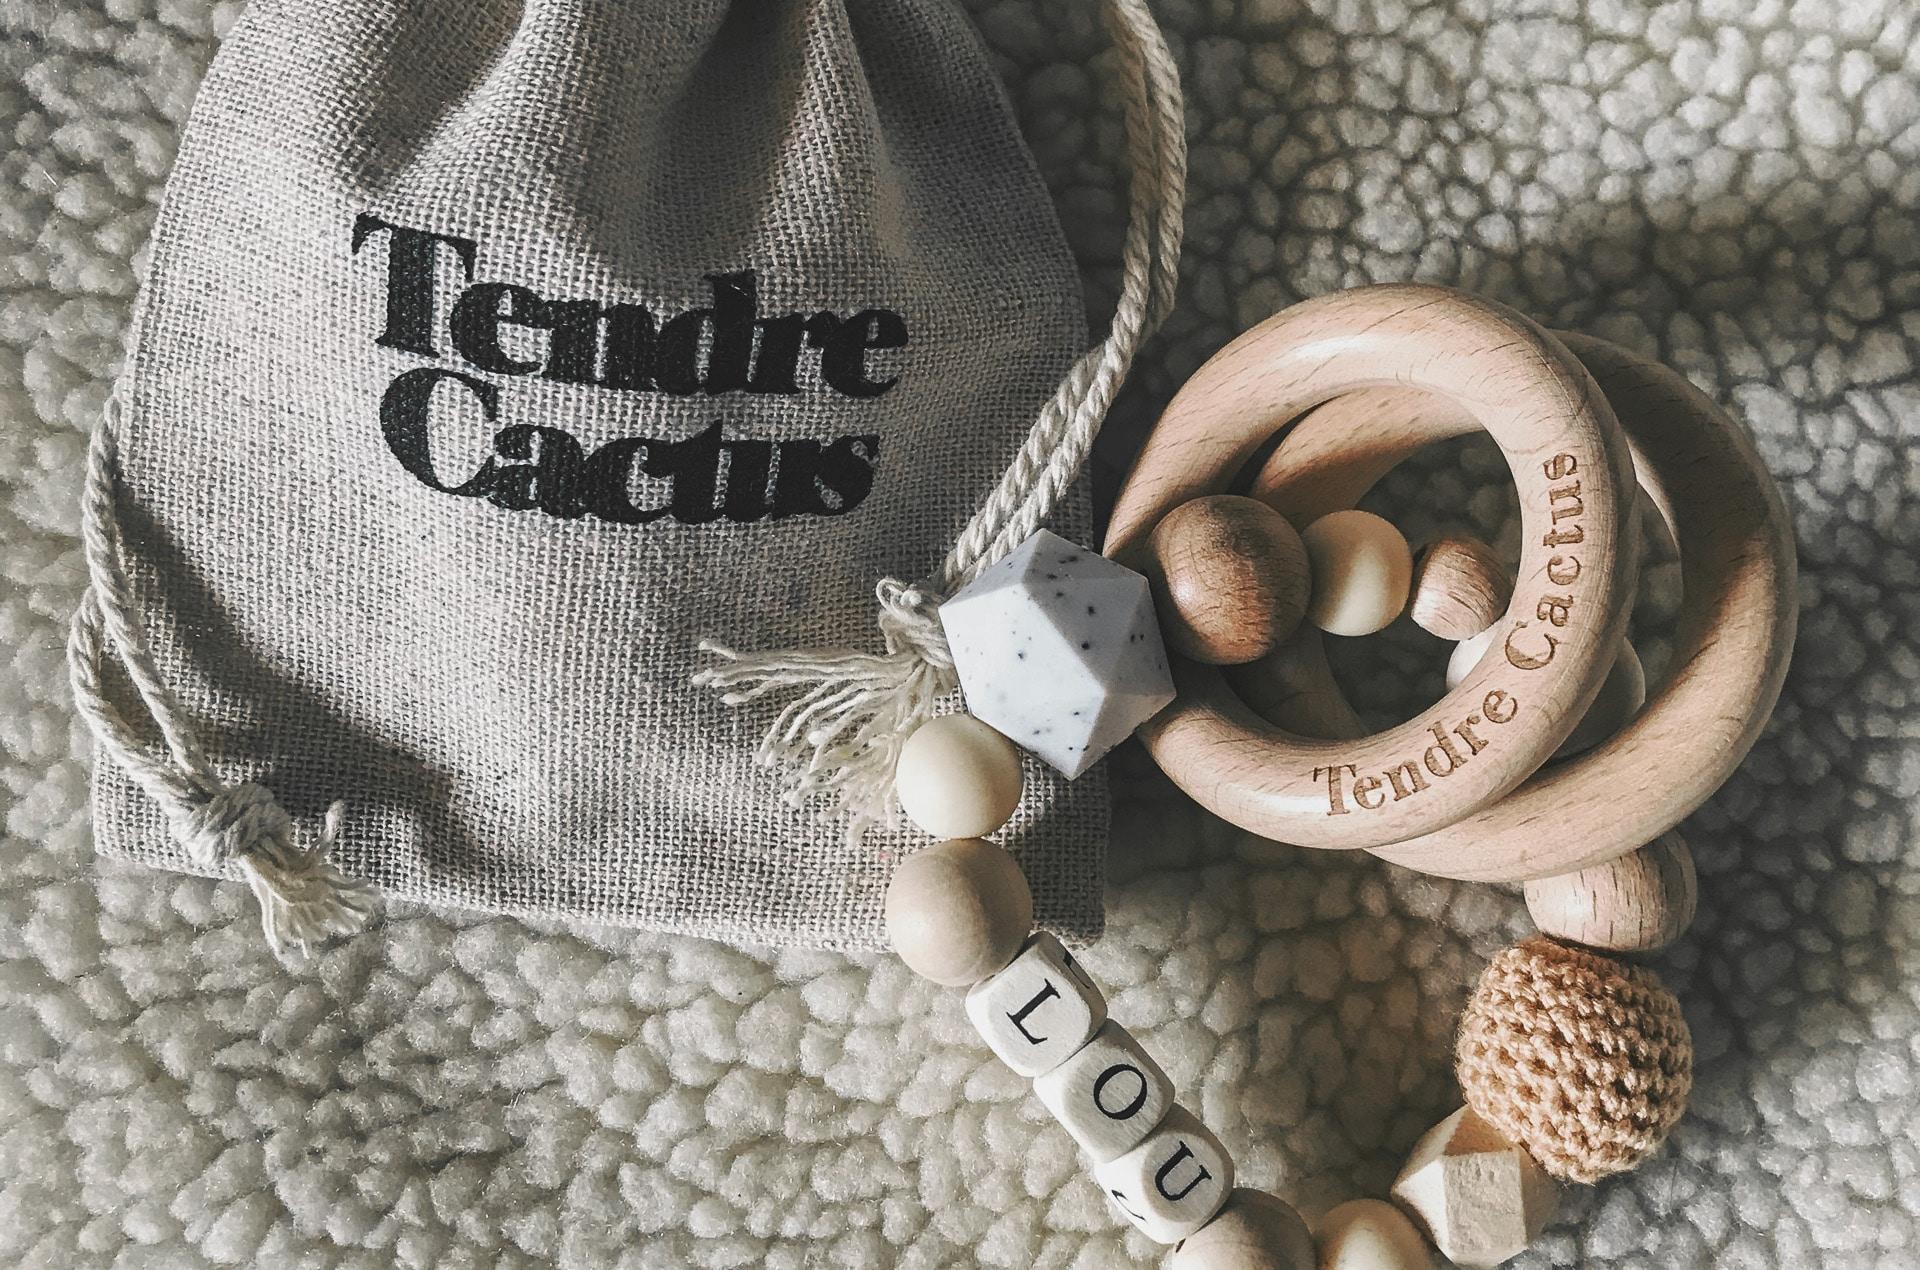 tendre cactus la rochelle commerces locaux confinement